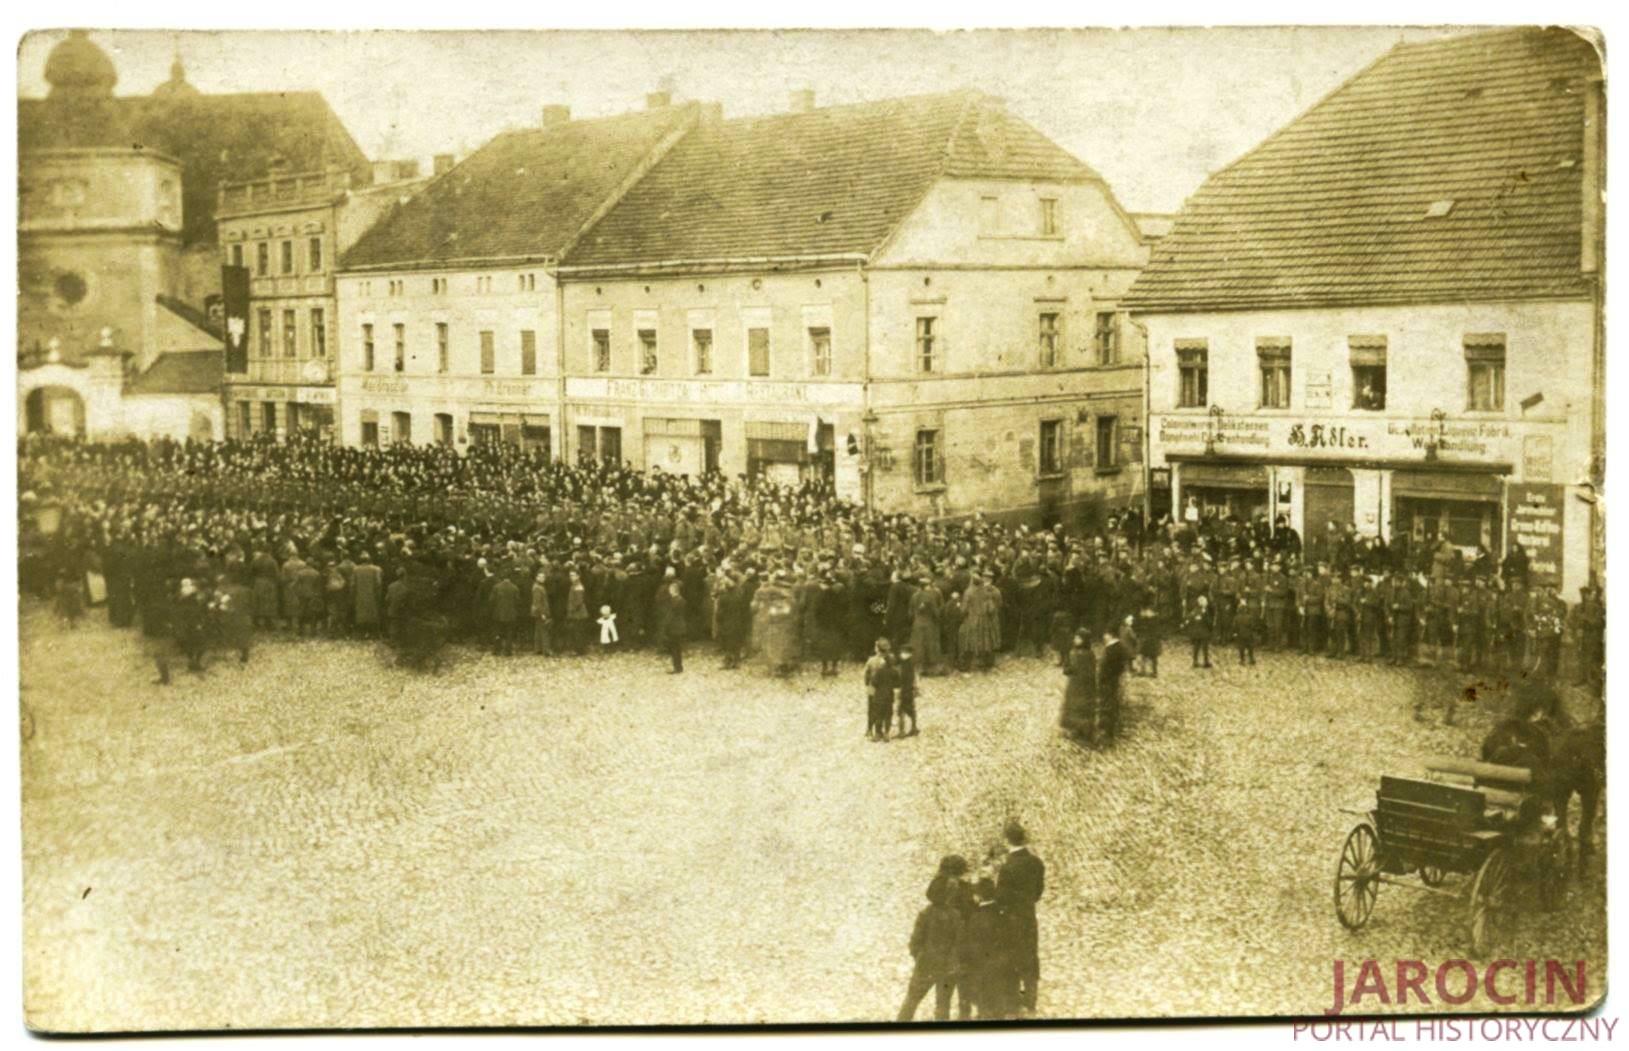 Nowa era, 1 stycznia 1919 r. w Jarocinie